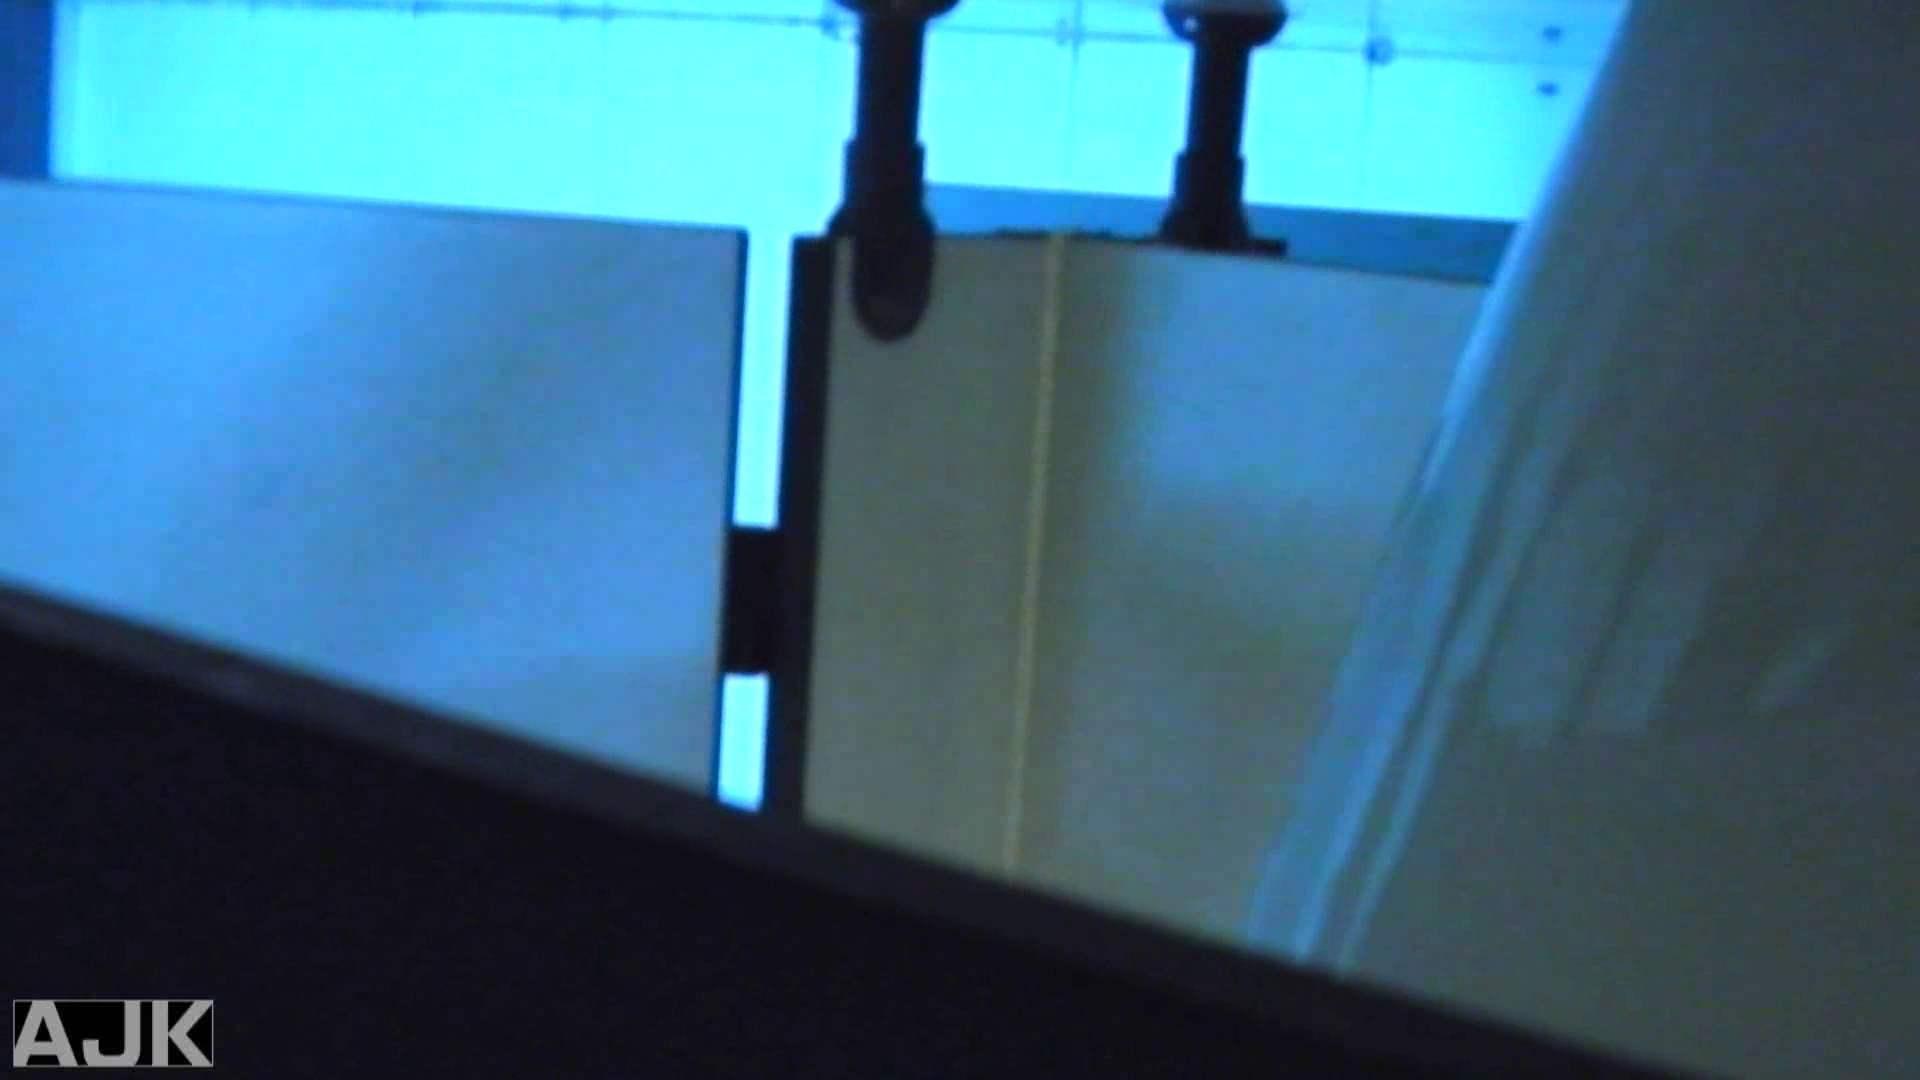 神降臨!史上最強の潜入かわや! vol.17 潜入 われめAV動画紹介 94画像 18